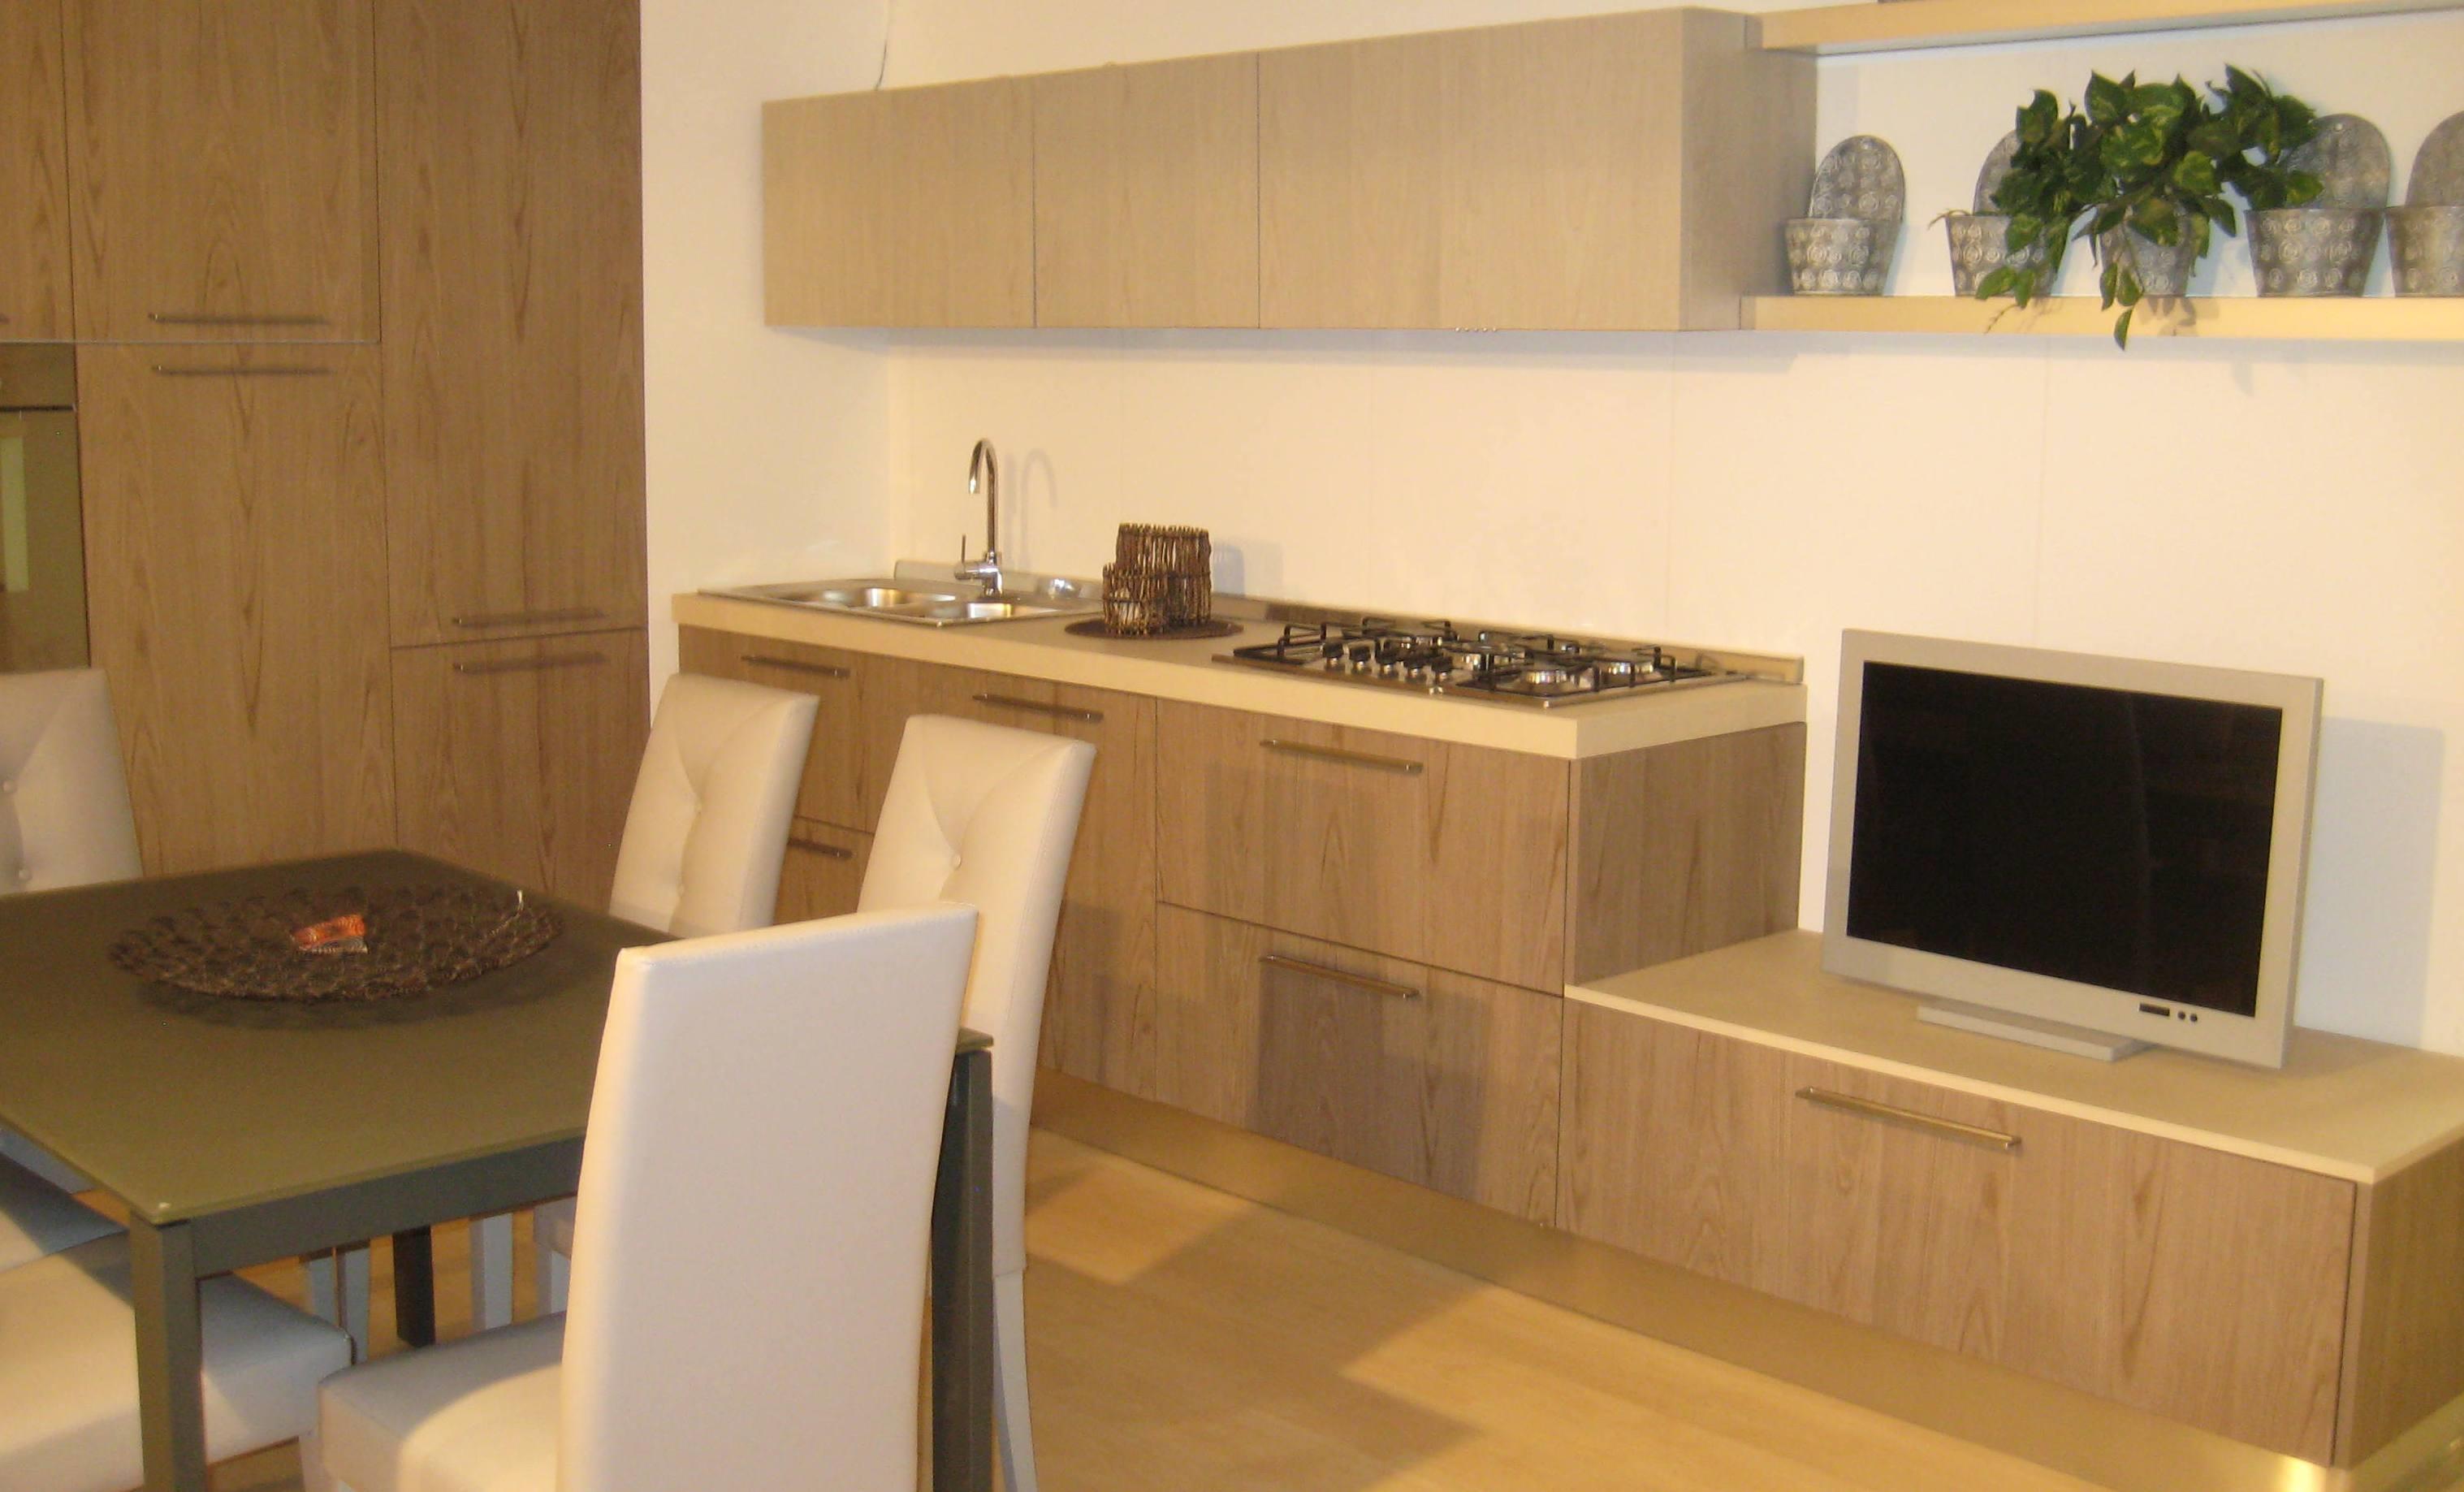 Cucina moderna composizione angolare. - Cucine a prezzi scontati